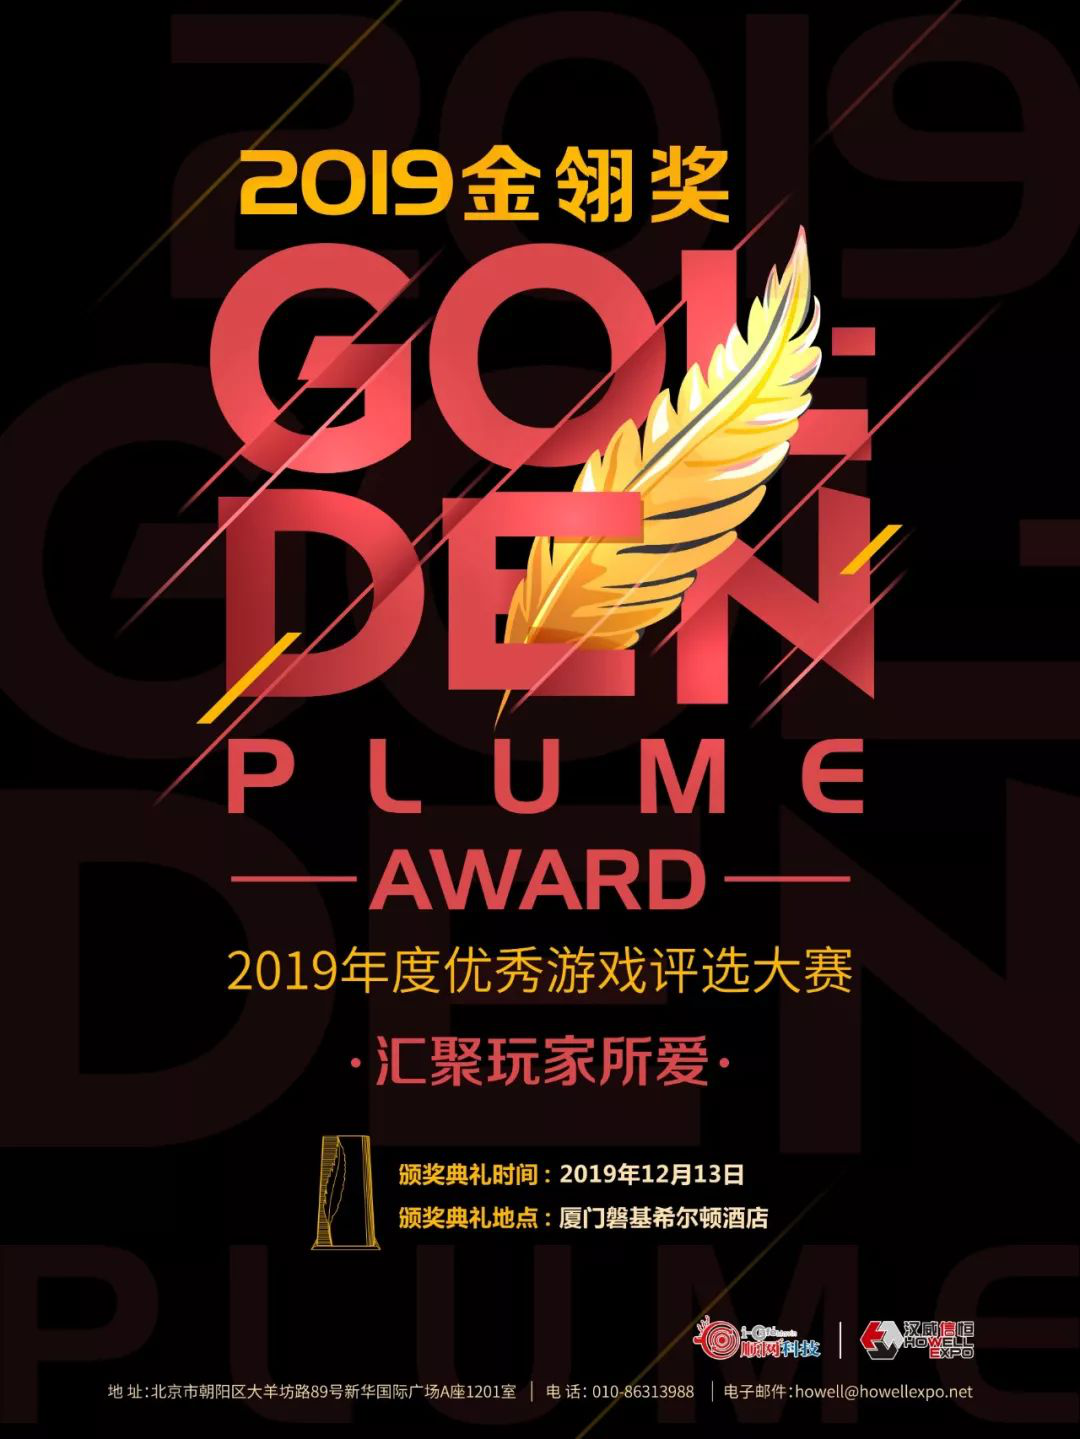 2019年度优秀游戏评选大赛(第十四届金翎奖)网站正式上线!